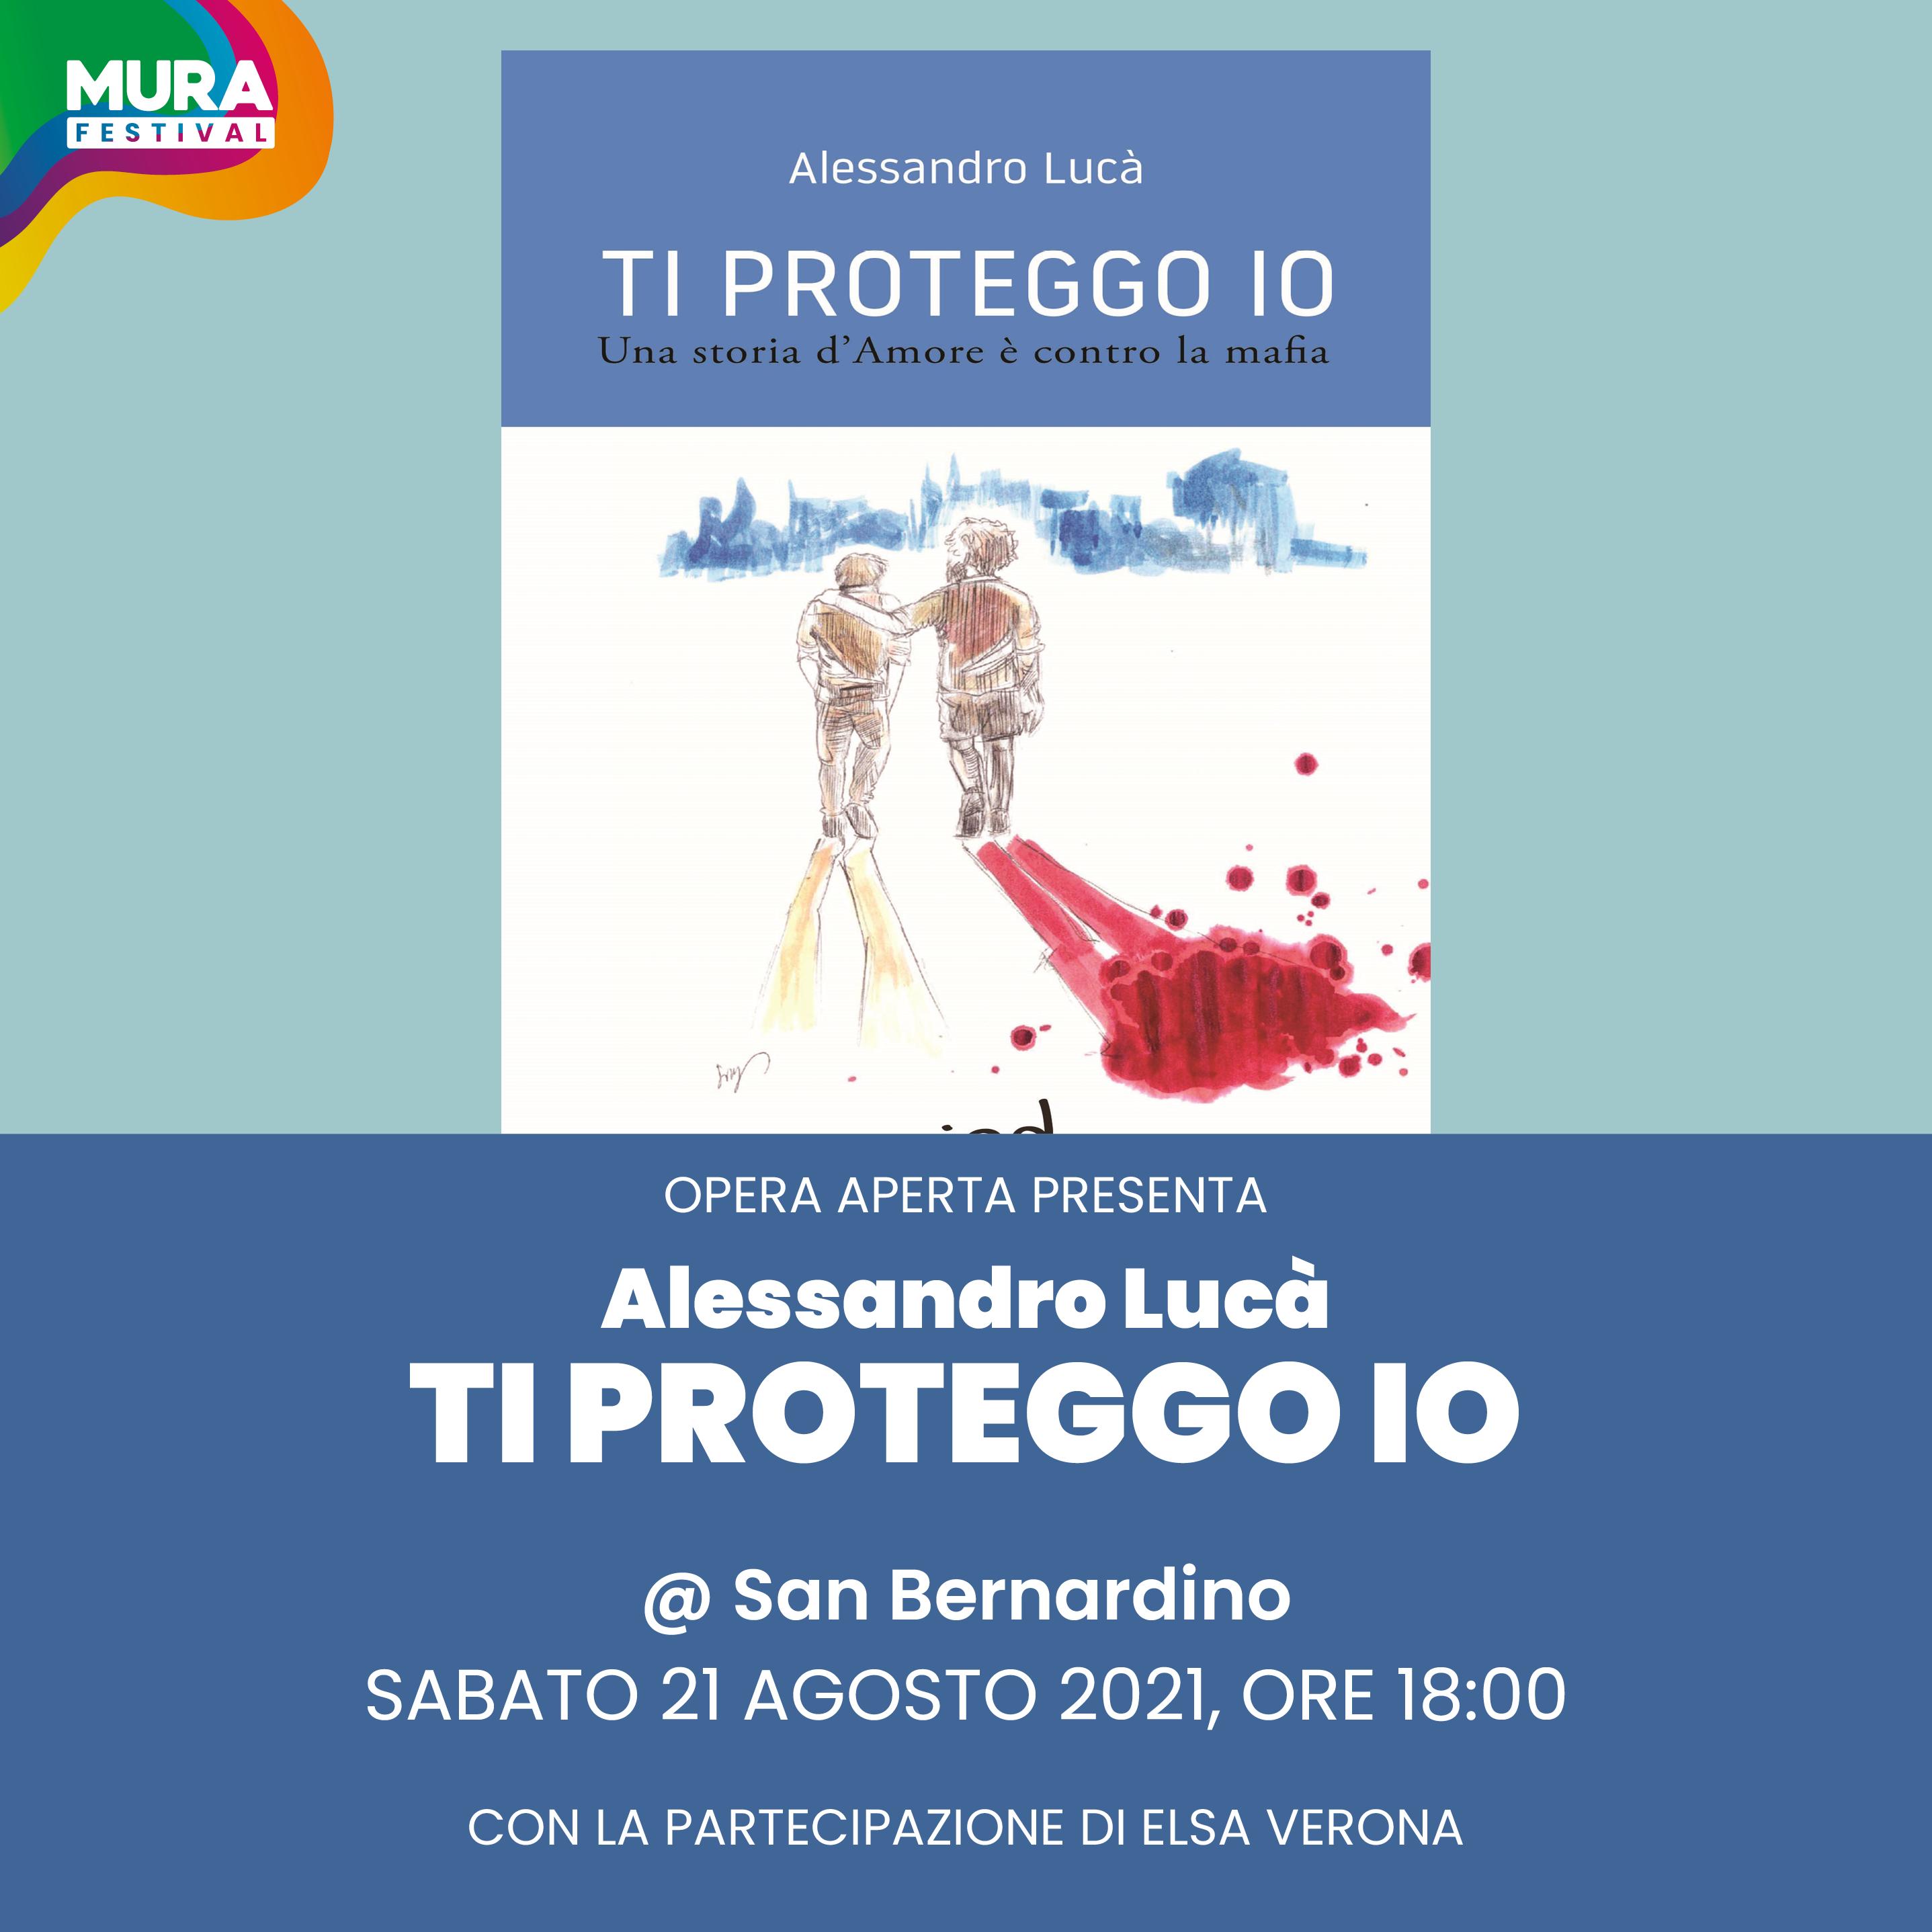 TI PROTEGGO IO - ALESSANDRO LUCA'